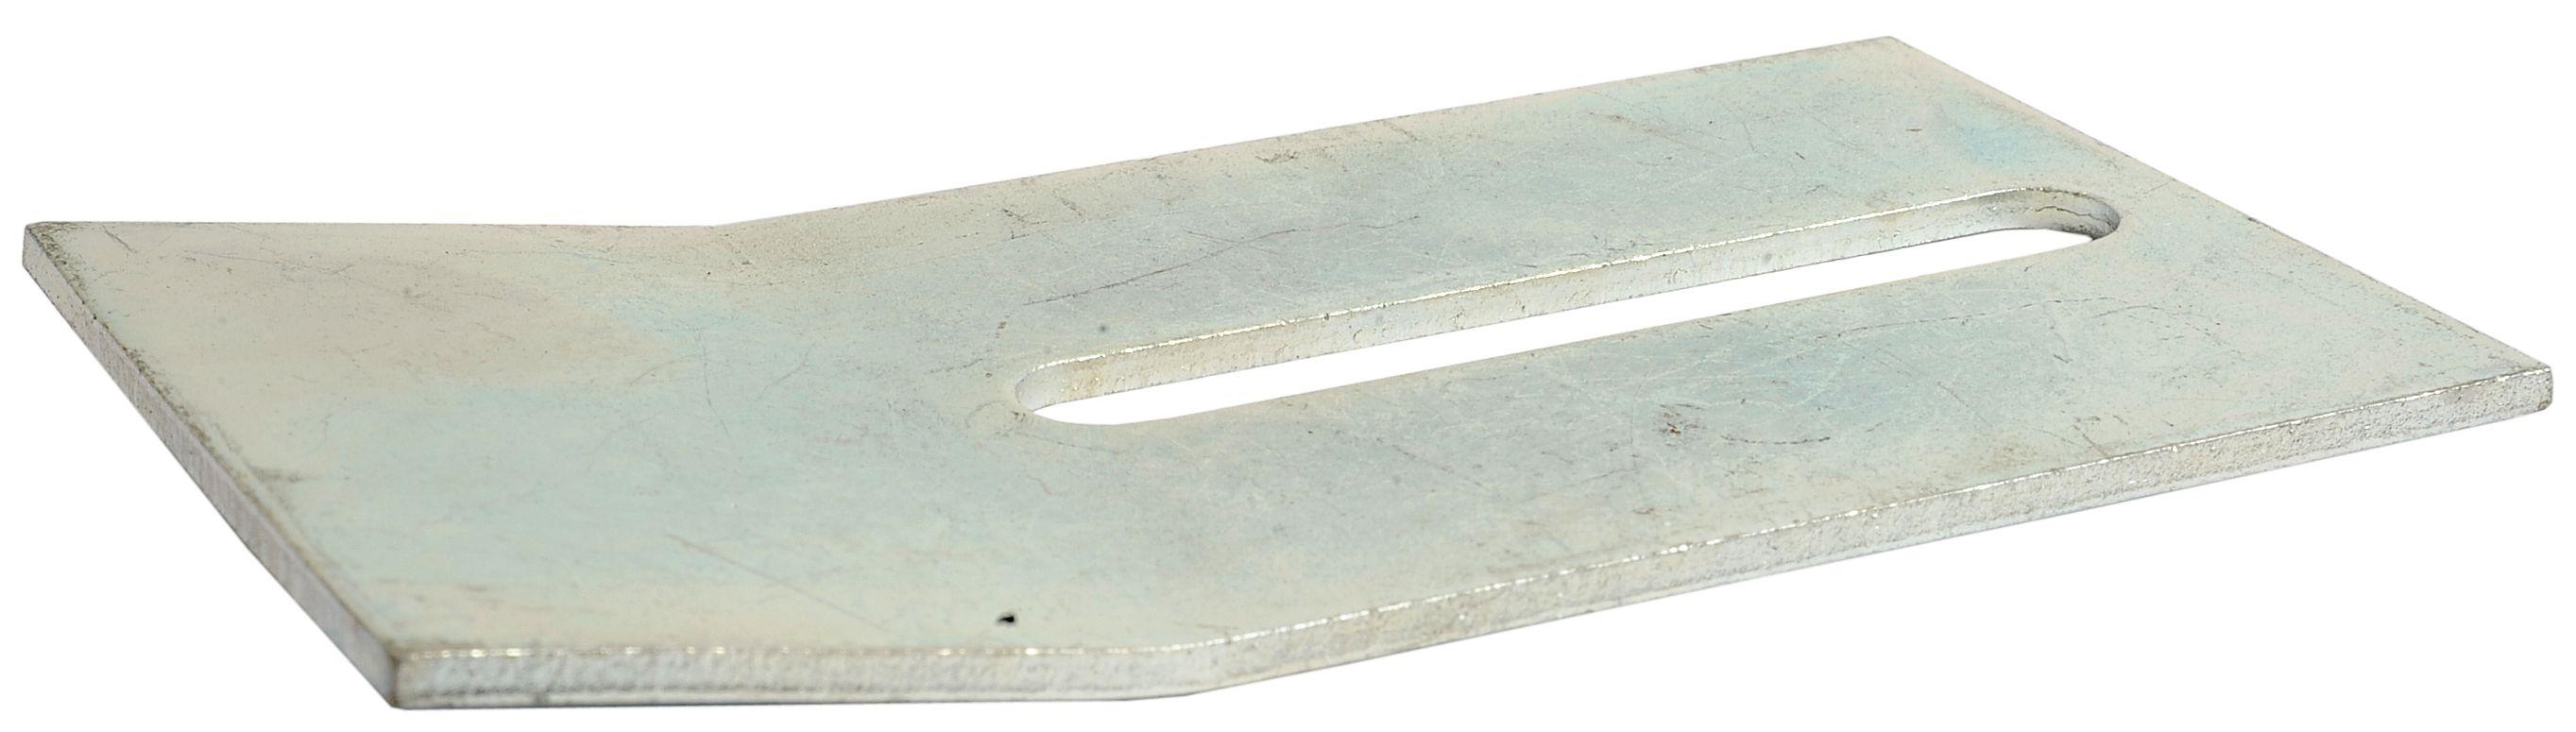 KUHN SCRAPER PLATE 140X75X3